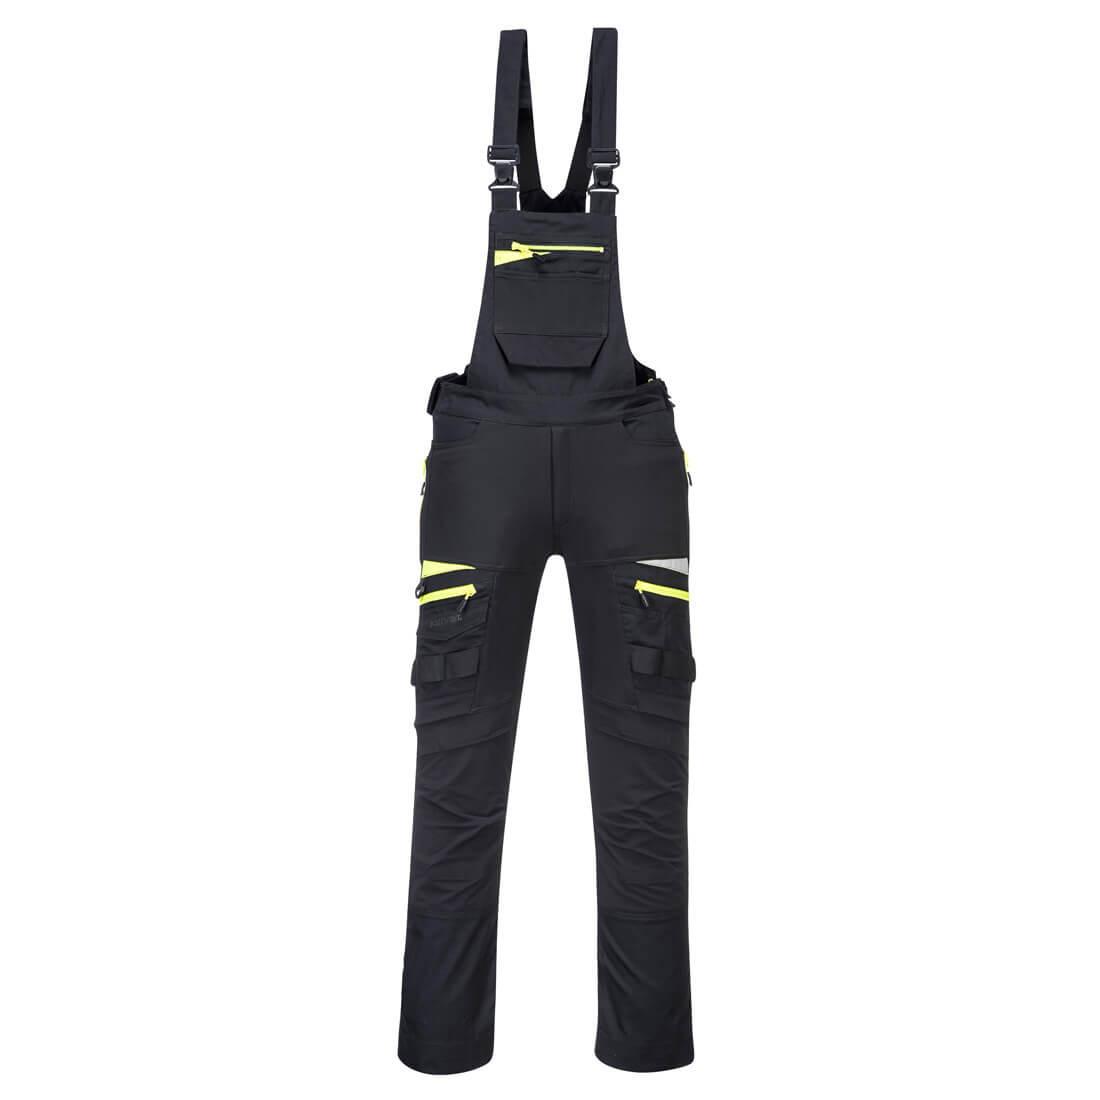 Pantaloni cu pieptar gama DX4 - Imbracaminte de protectie